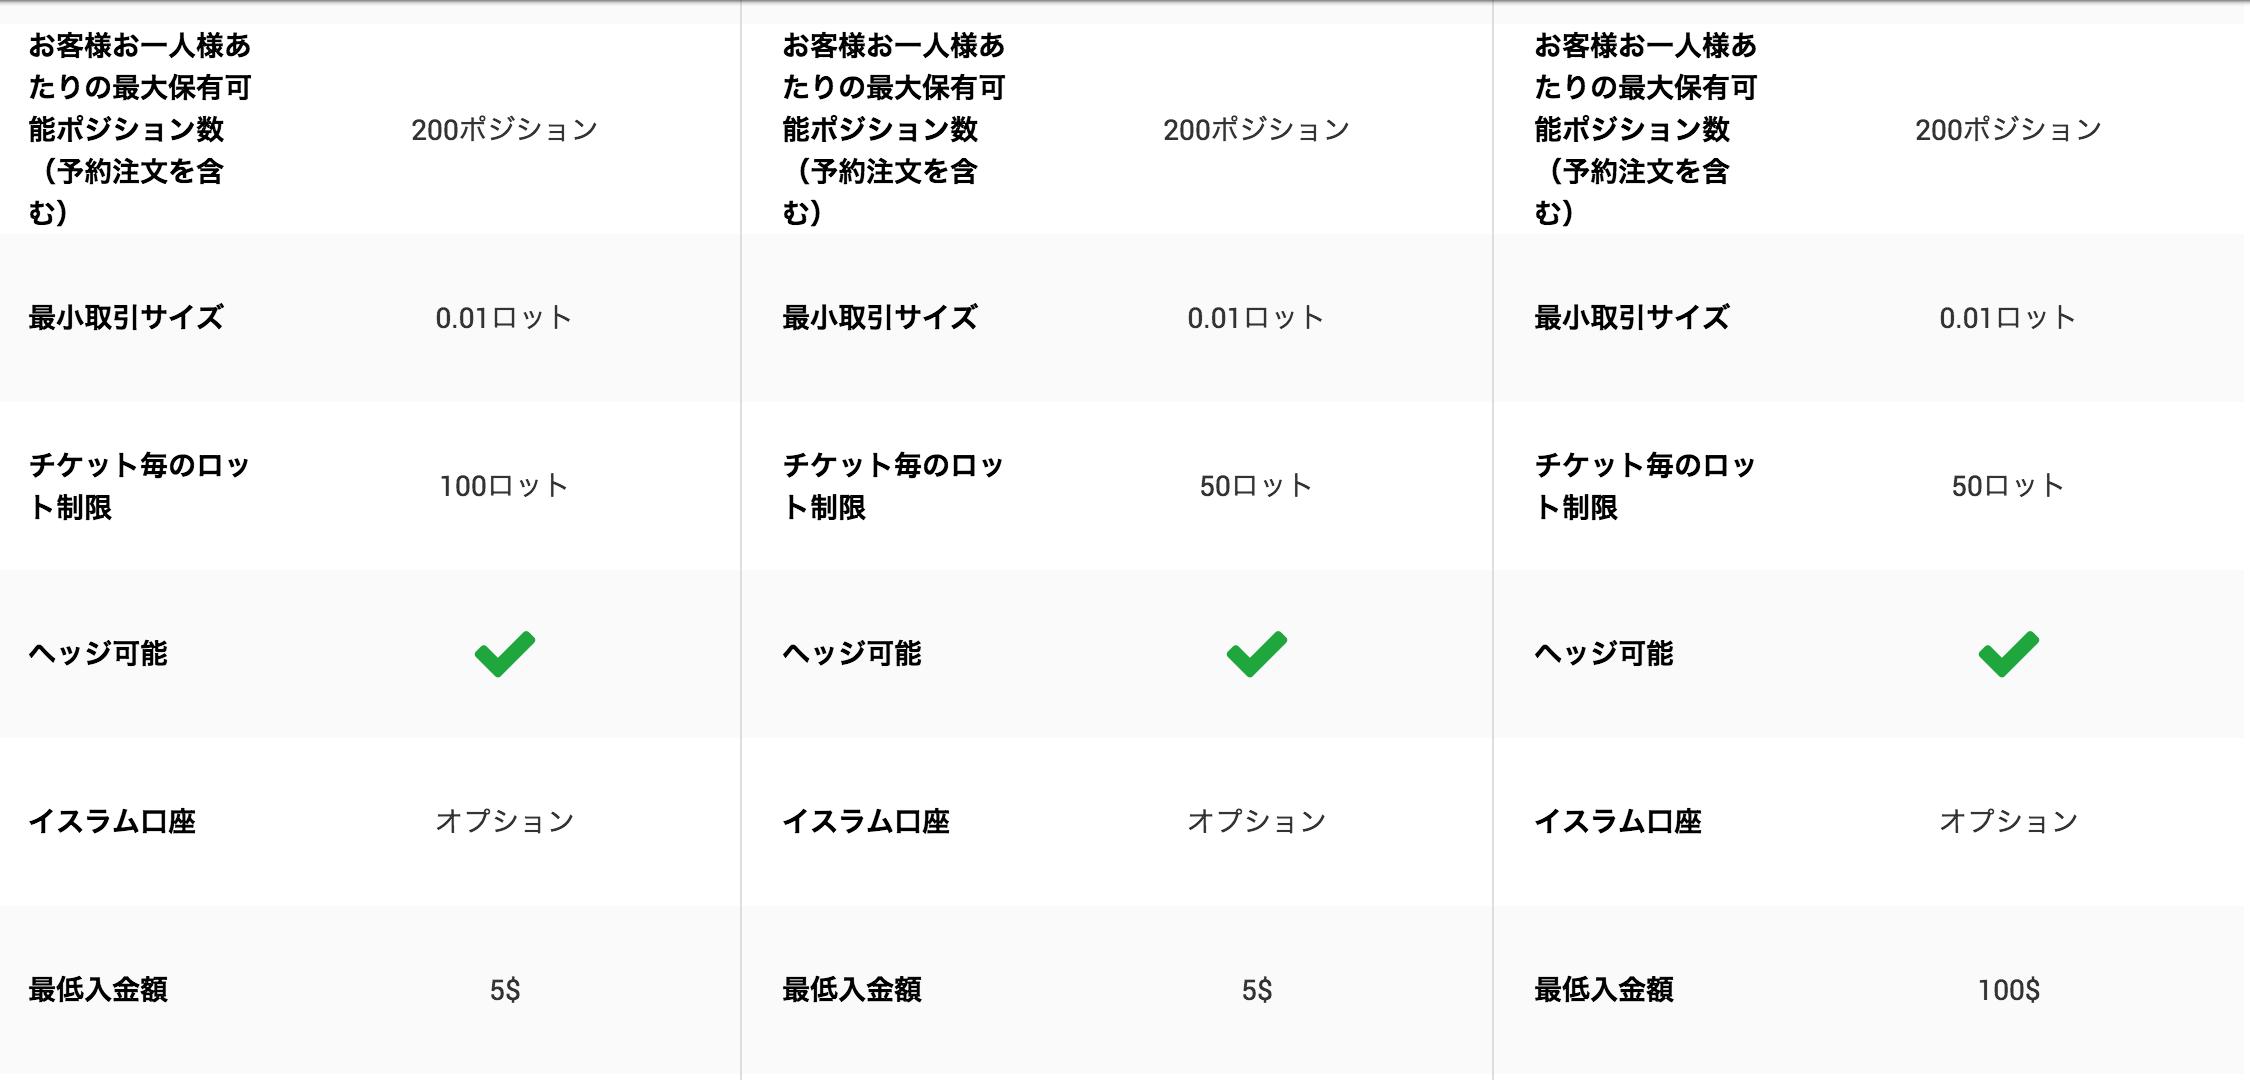 xm口座プラン2